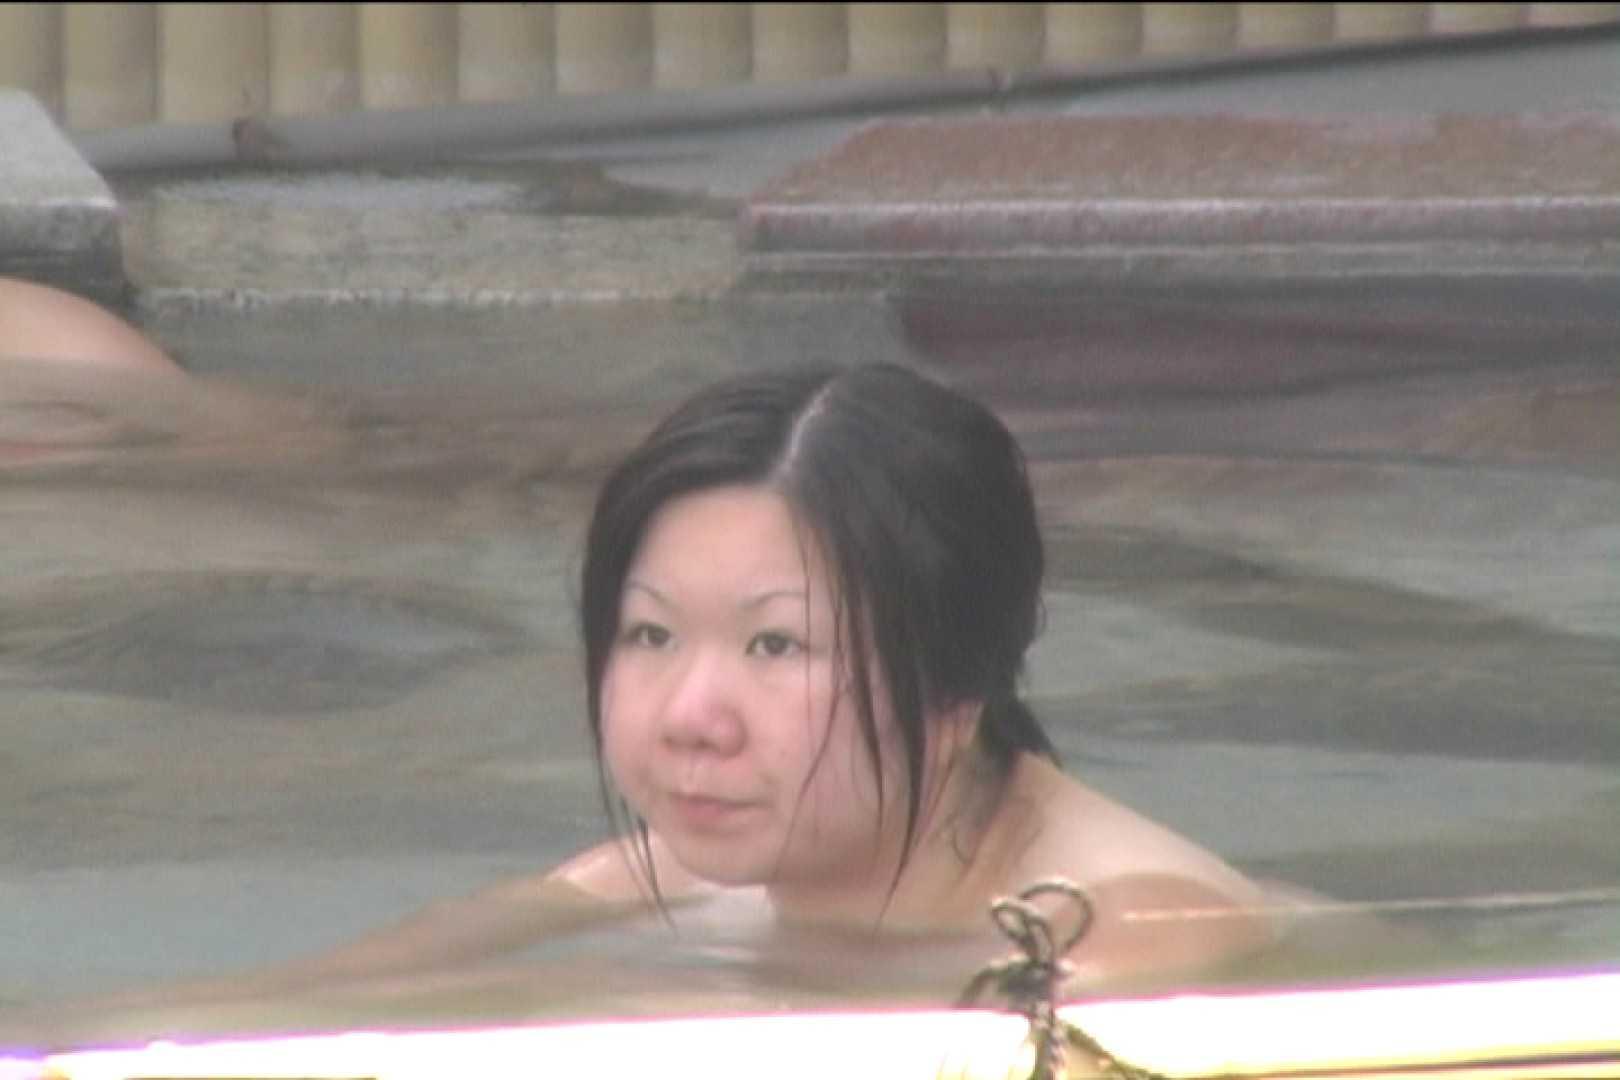 Aquaな露天風呂Vol.527 盗撮 | 露天  72枚 7